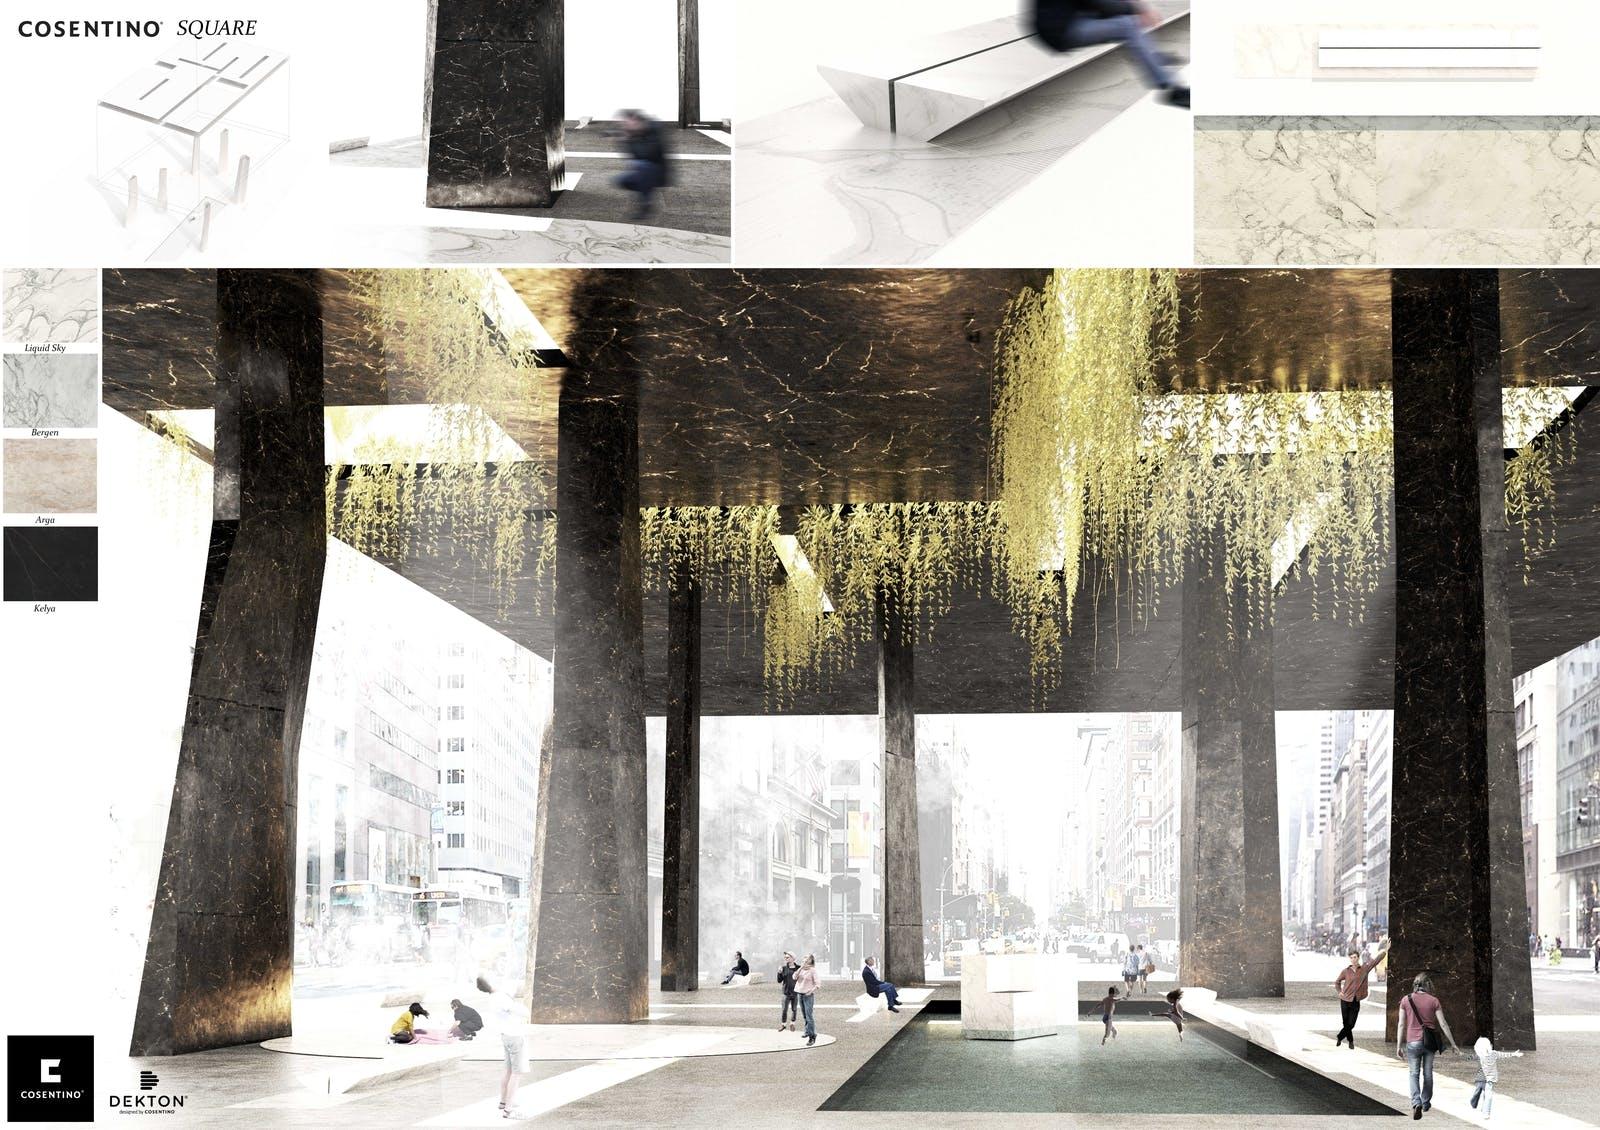 Image of 100 Cosentino Square s in Cosentino Design Challenge 14 winners - Cosentino